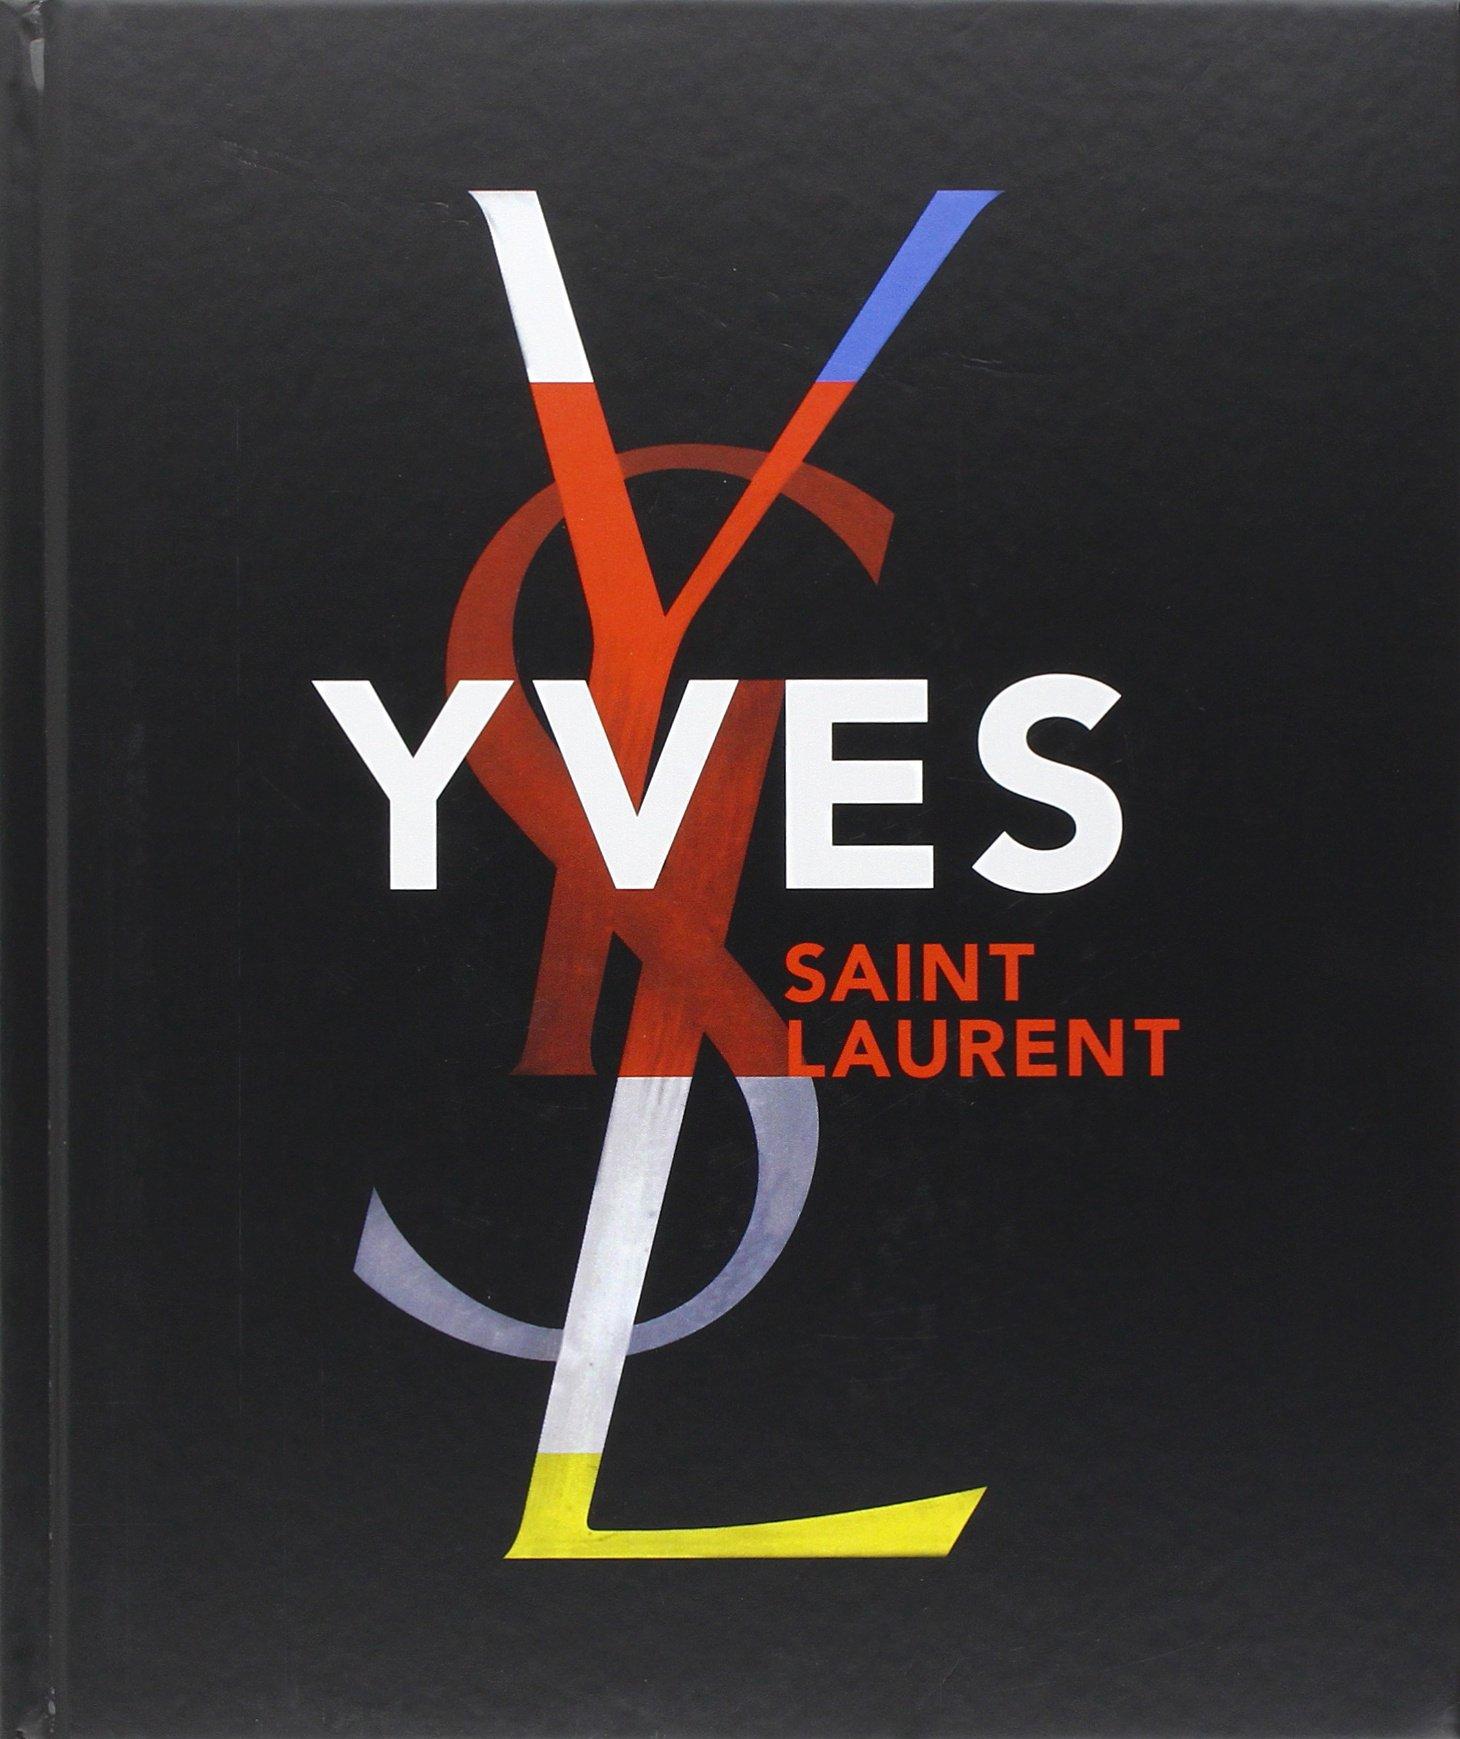 Yves Saint Laurent Florence Chenoune Farid Muller